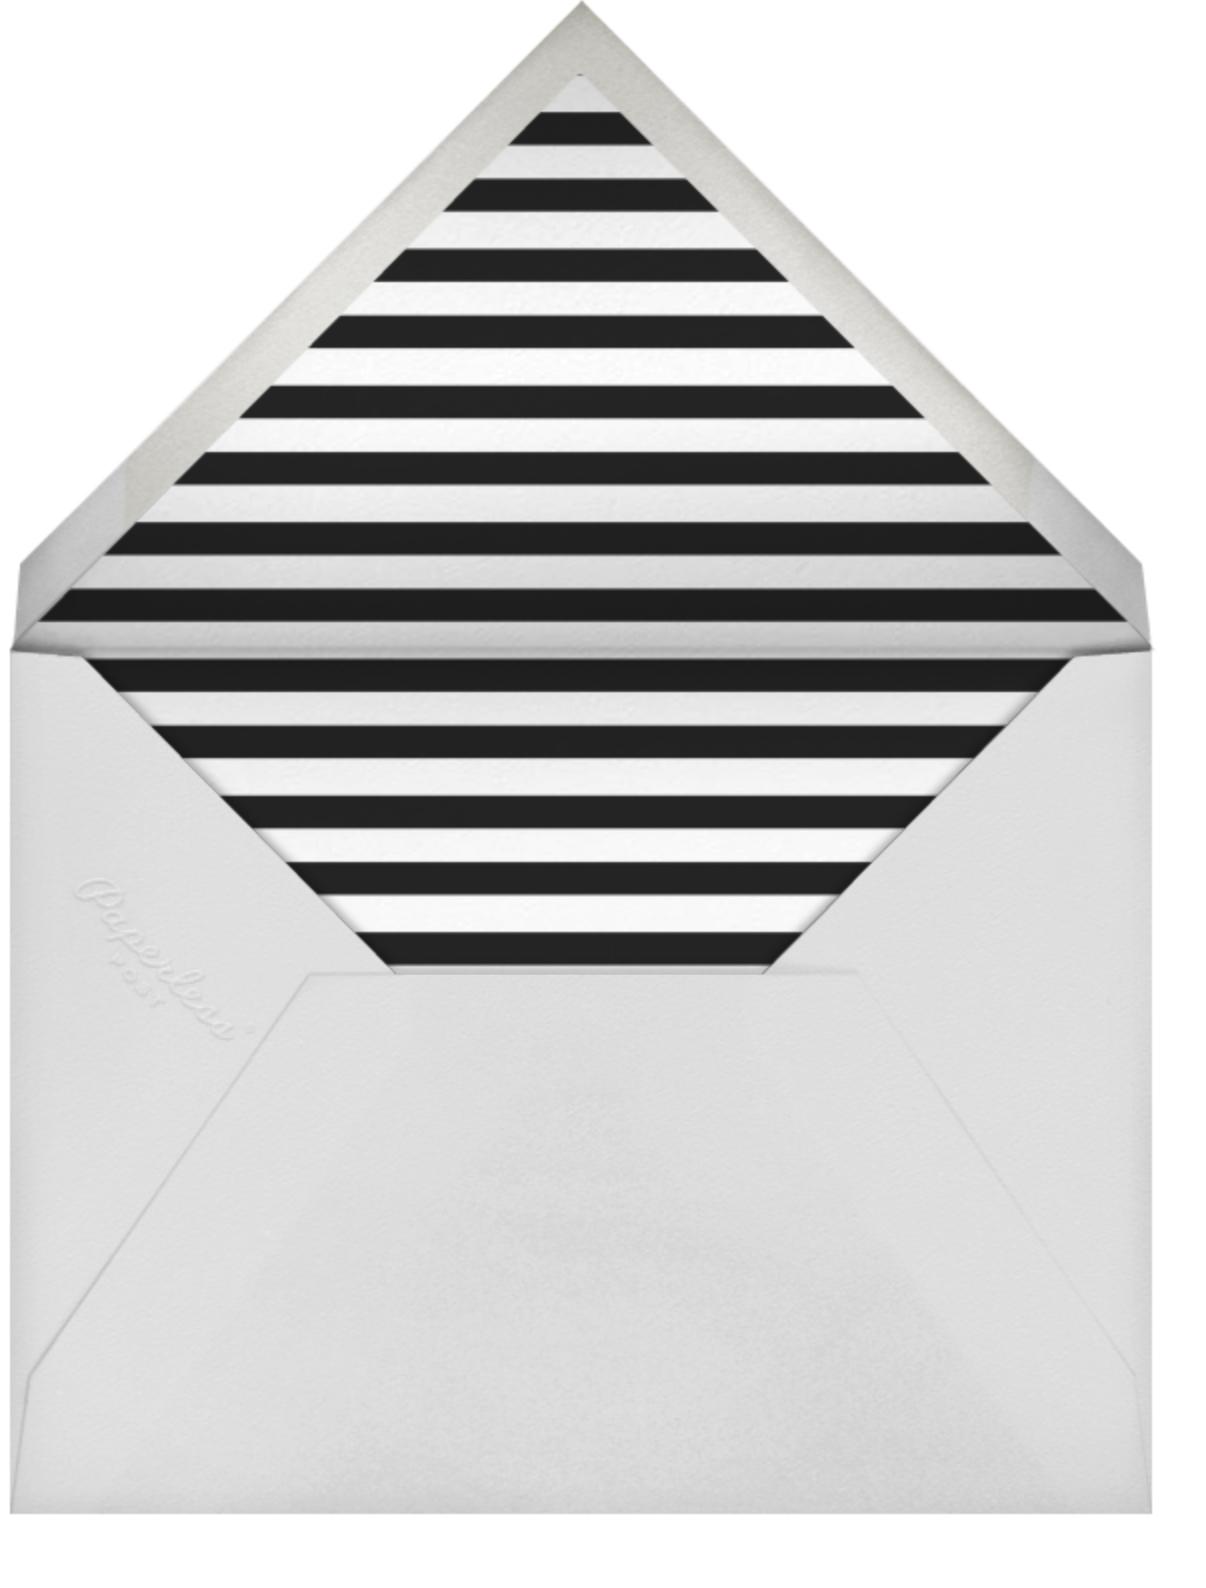 Celebration Dots - White/Gold - Sugar Paper - Rehearsal dinner - envelope back